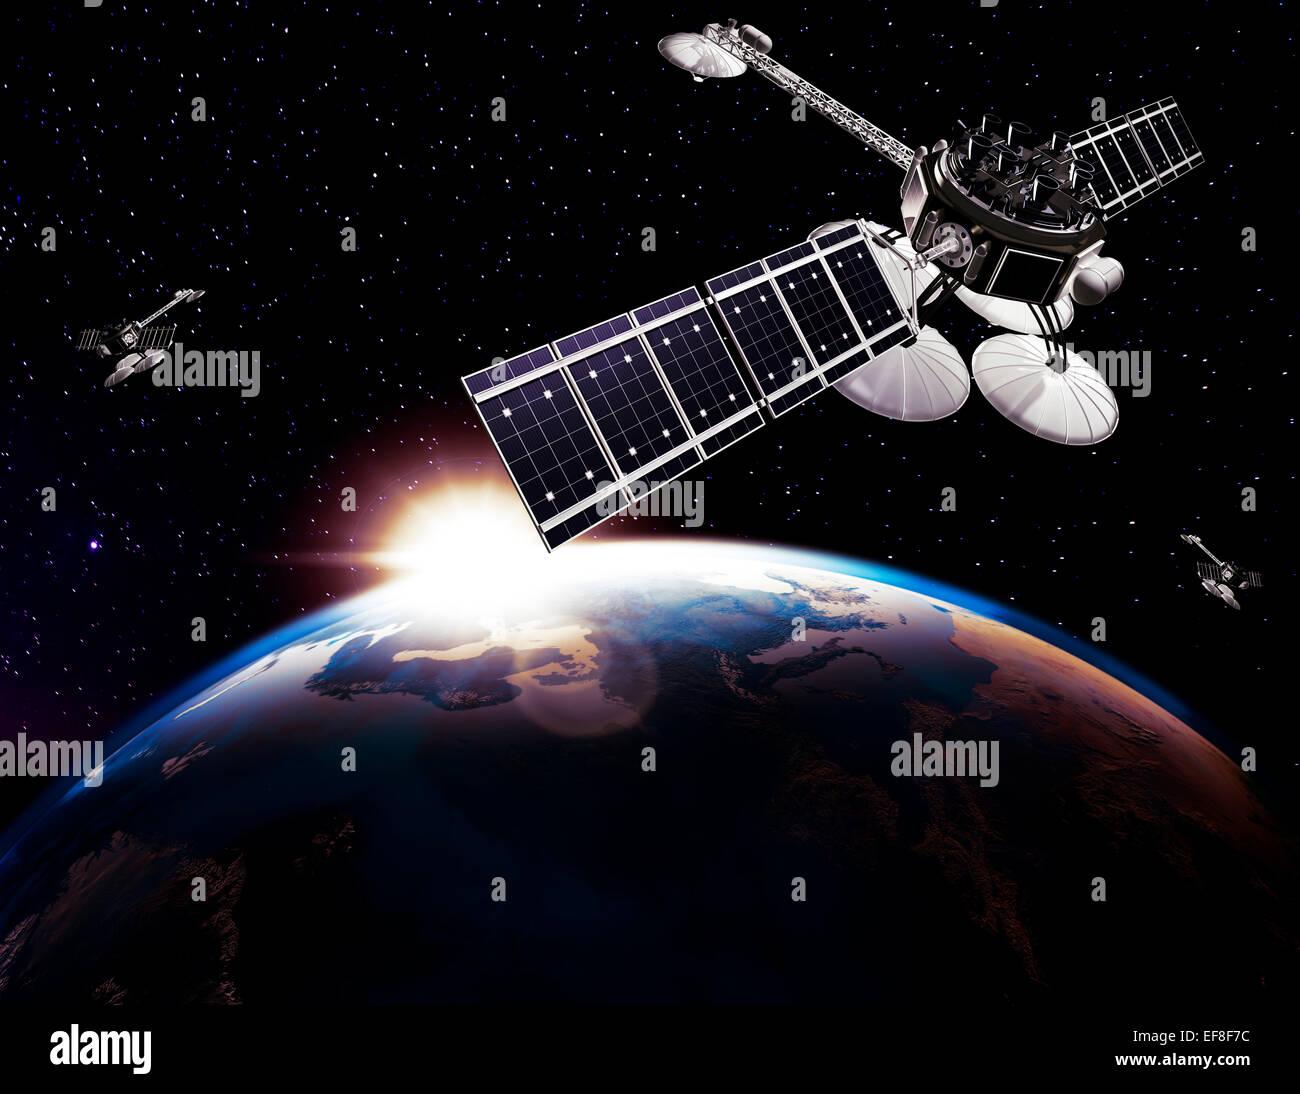 Les satellites de communication, Comsat, au-dessus de la Terre globe éclairé par le soleil levant sur Photo Stock